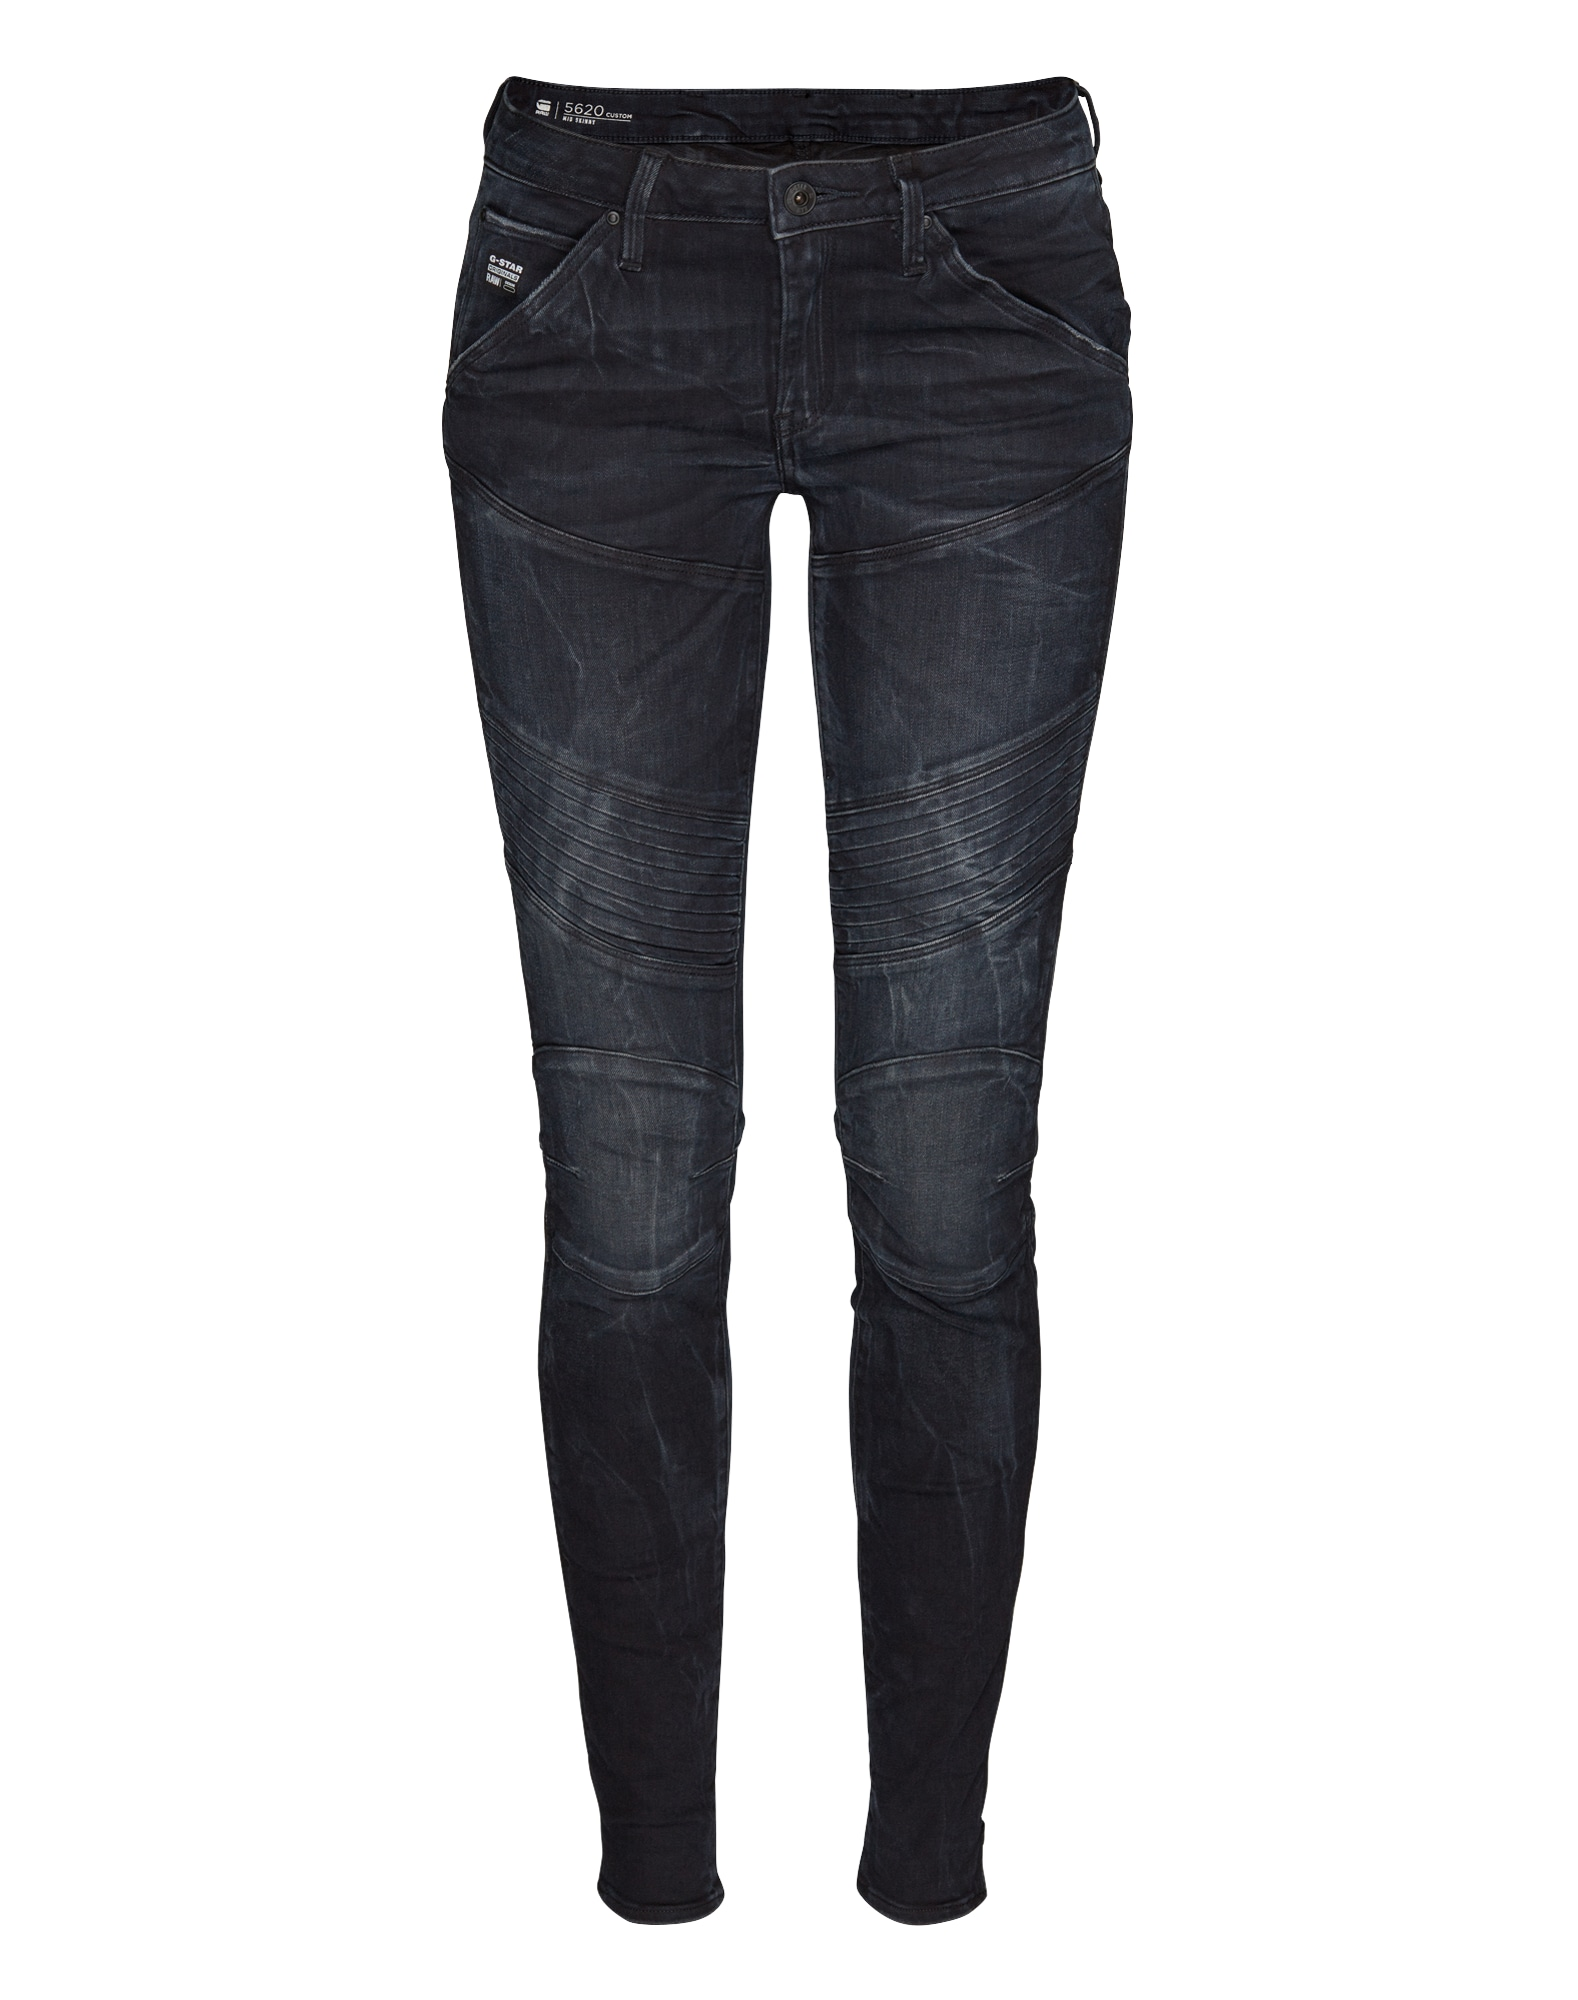 G-STAR RAW Dames Jeans 5620 Custom Mid Skinny navy nachtblauw blauw deni